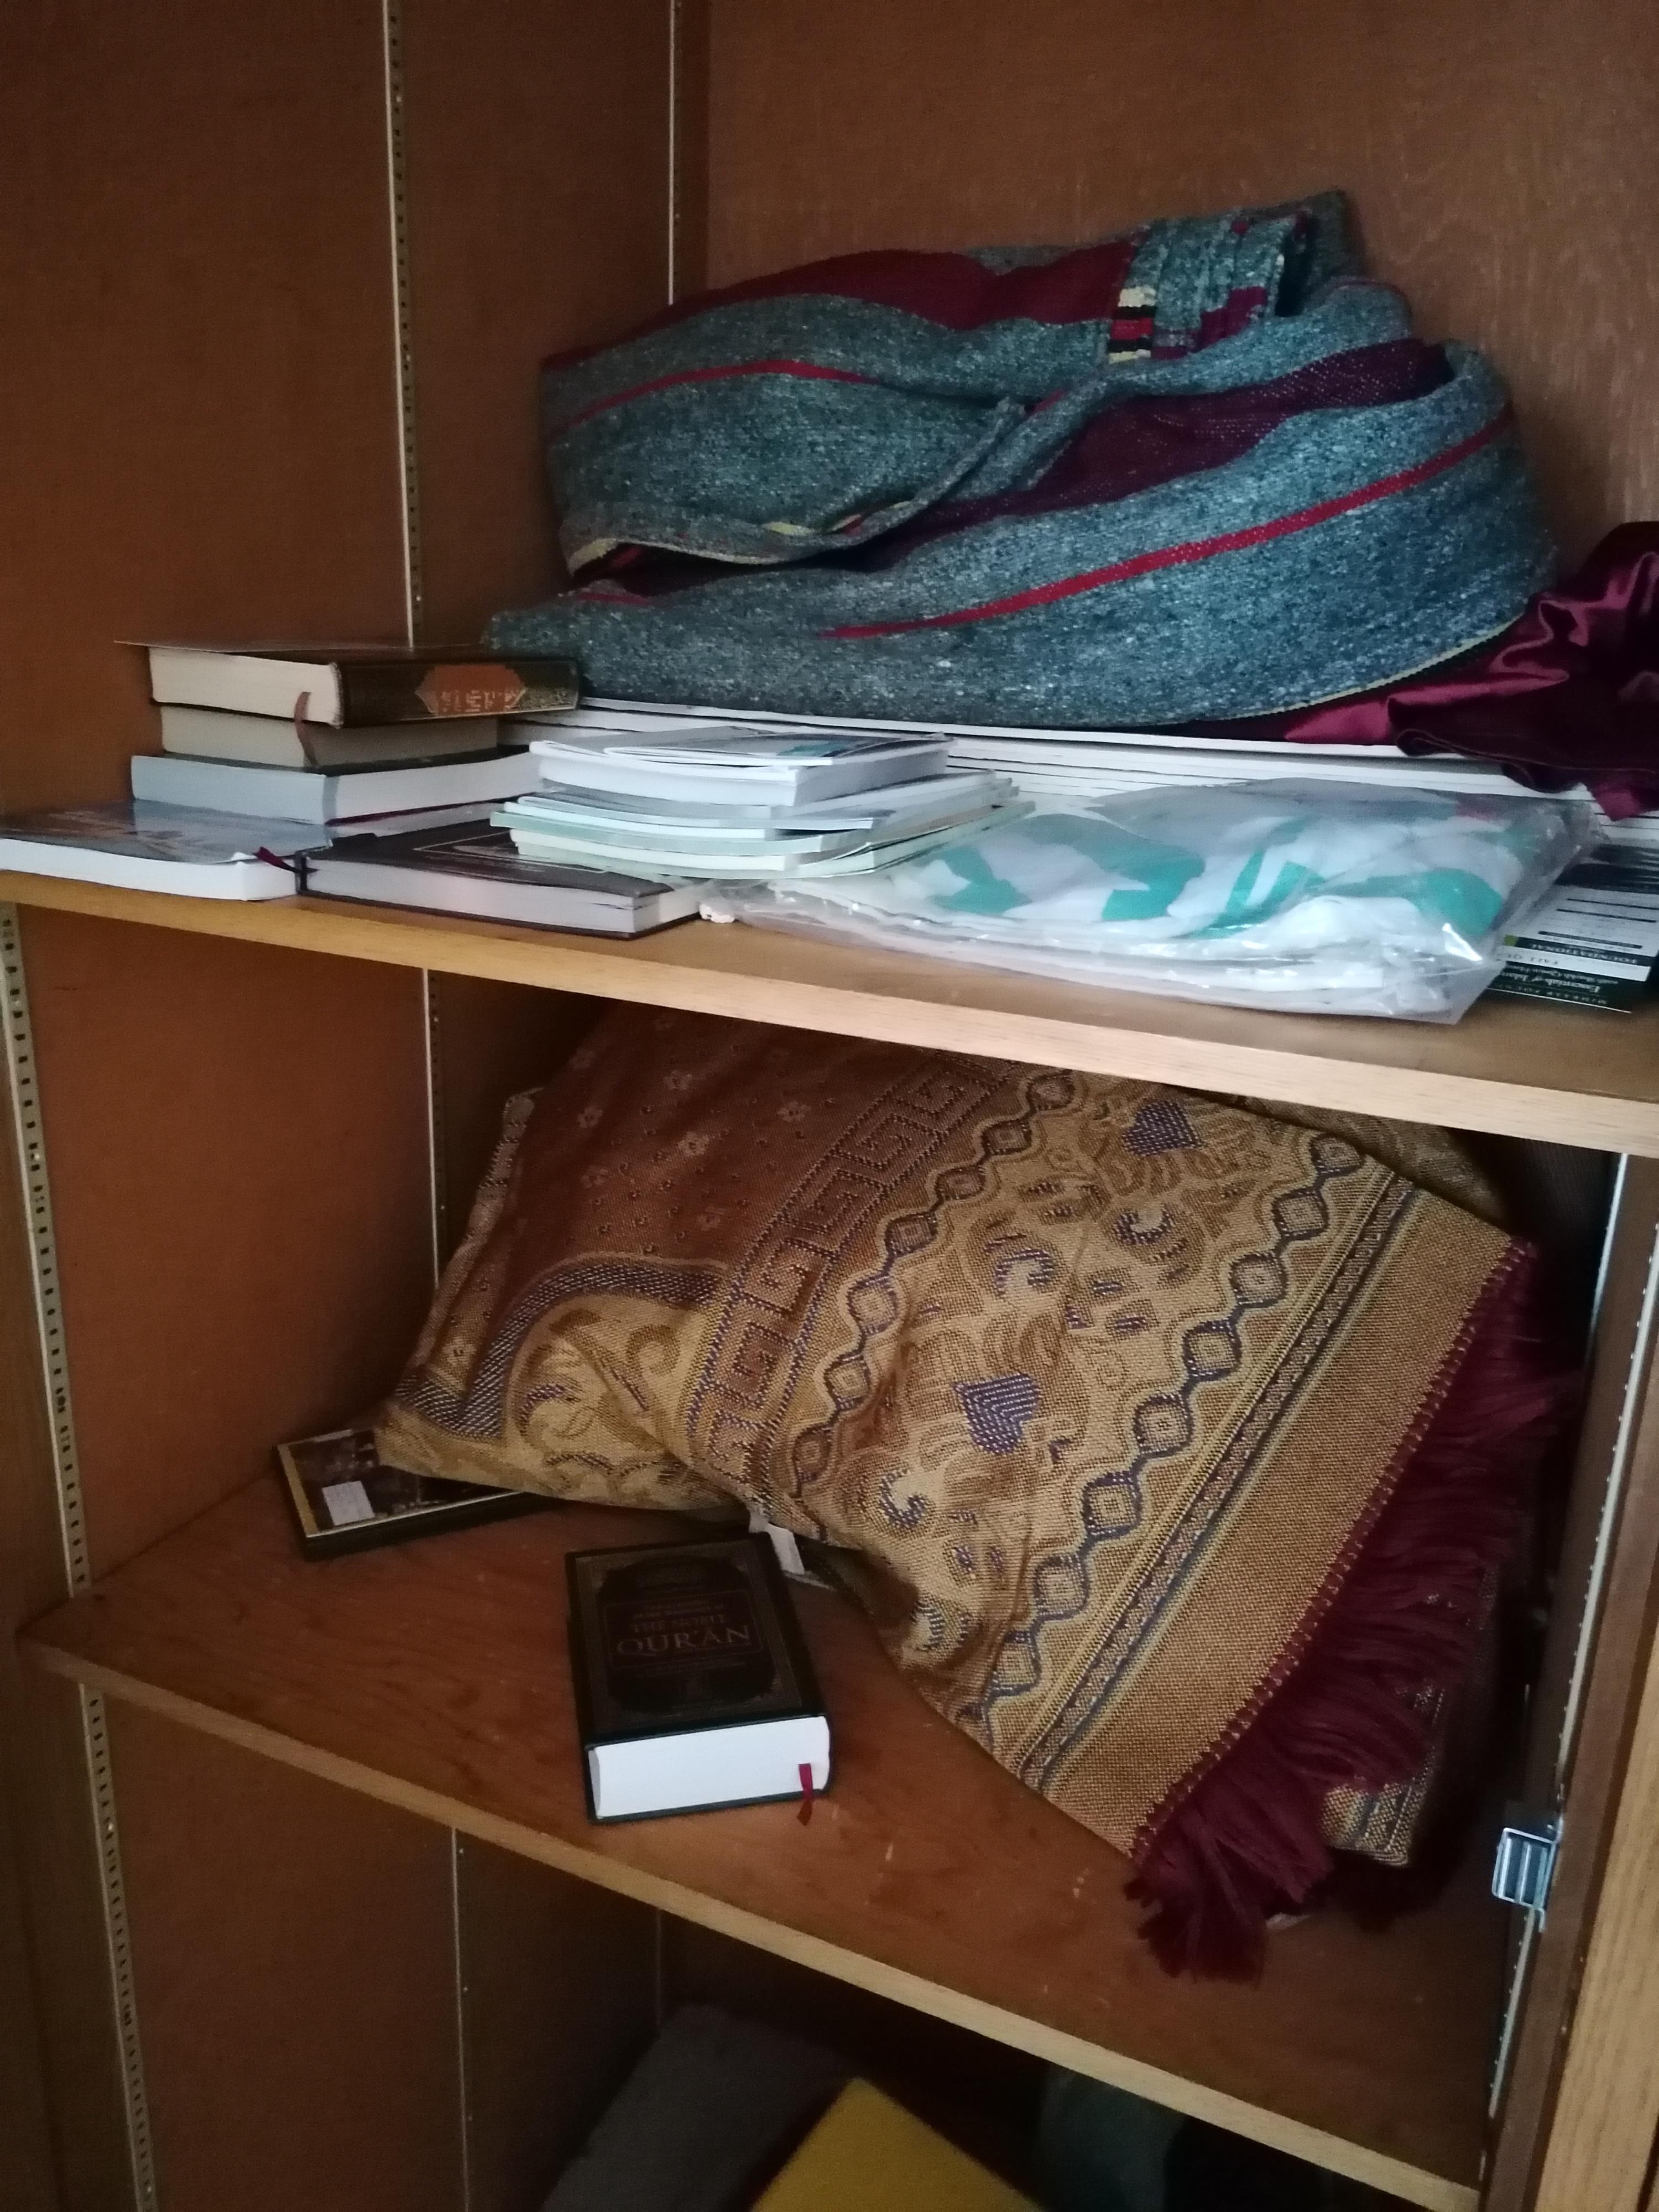 A szekrény maga pedig imaszőnyegeket, Koránt és számos okos könyvet rejt...